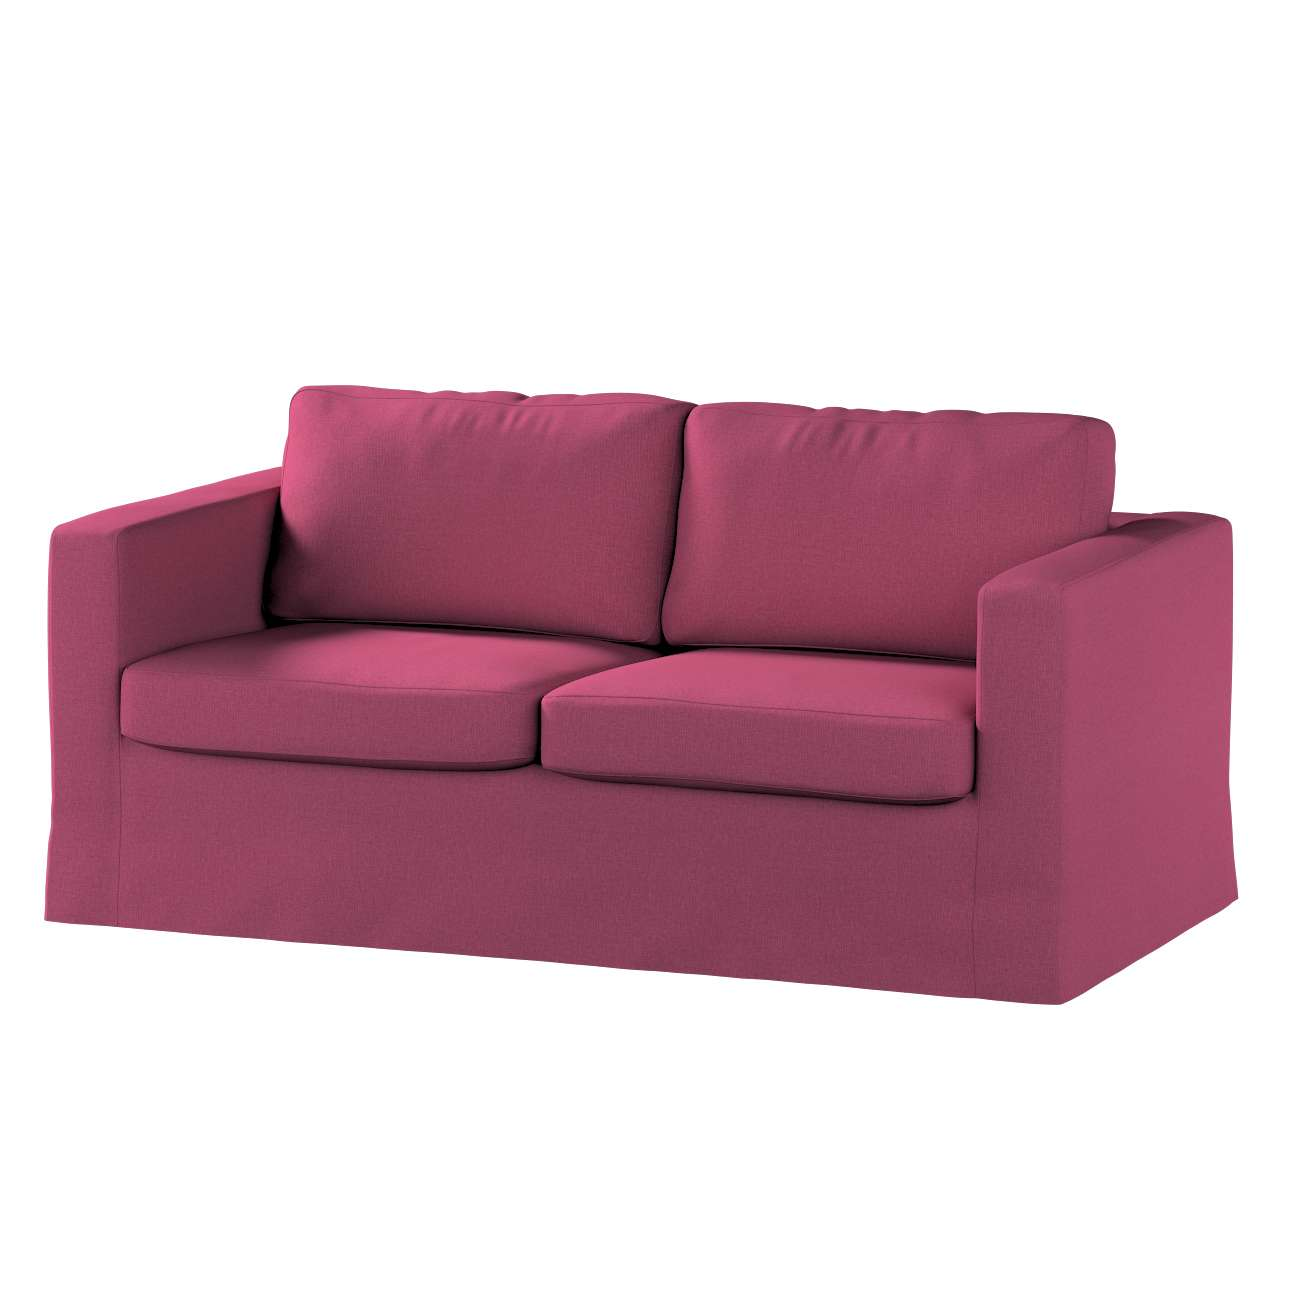 Pokrowiec na sofę Karlstad 2-osobową nierozkładaną długi w kolekcji Living, tkanina: 160-44